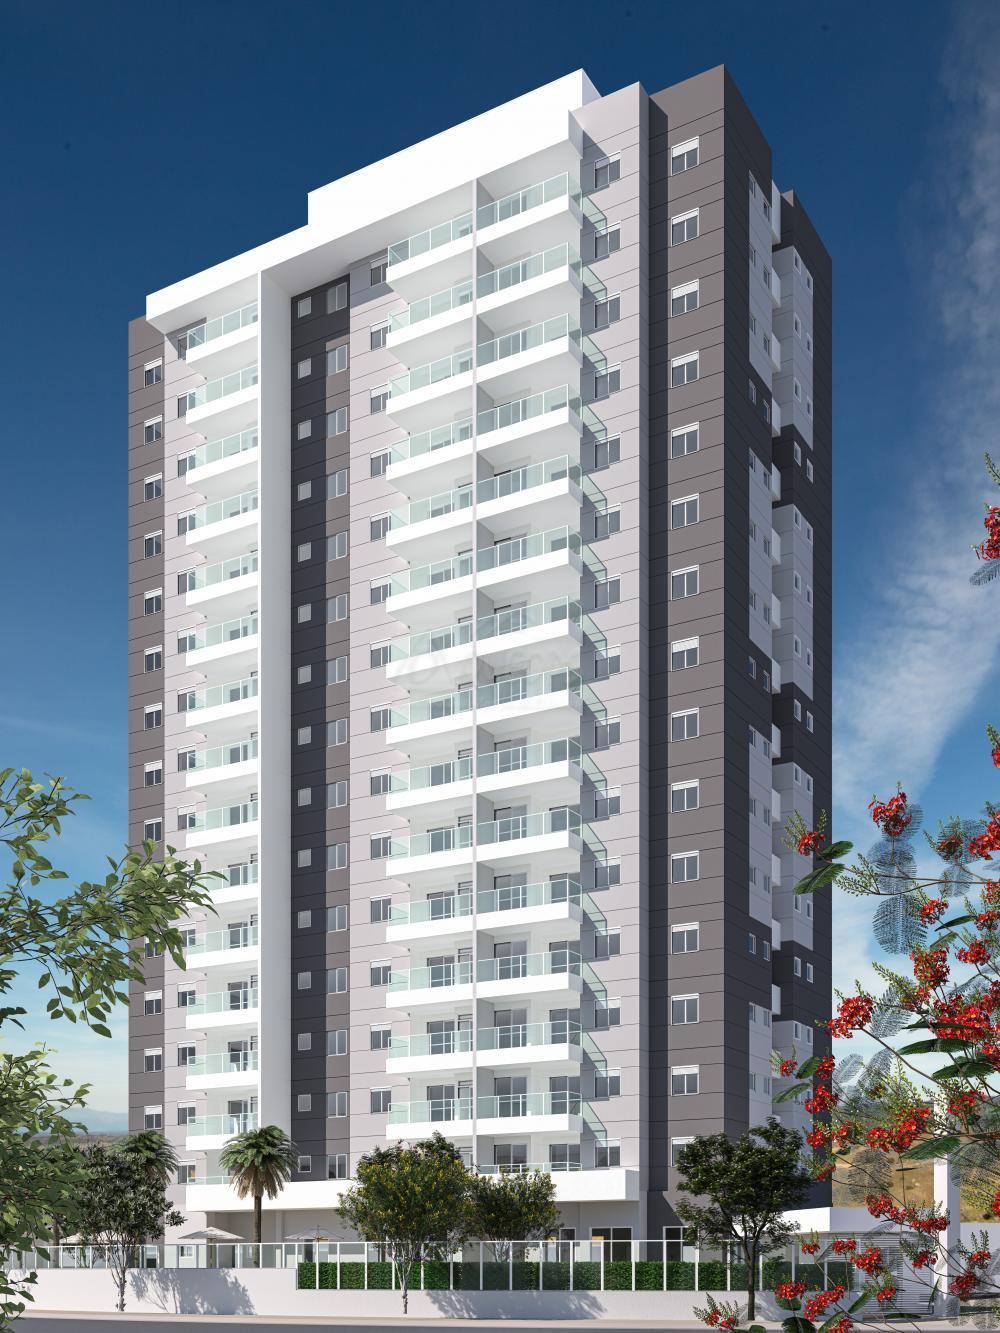 alt='Alugar Apartamento / Cobertura em Ribeirão Preto R$ 11,00 - Foto 13' title='Alugar Apartamento / Cobertura em Ribeirão Preto R$ 11,00 - Foto 13'